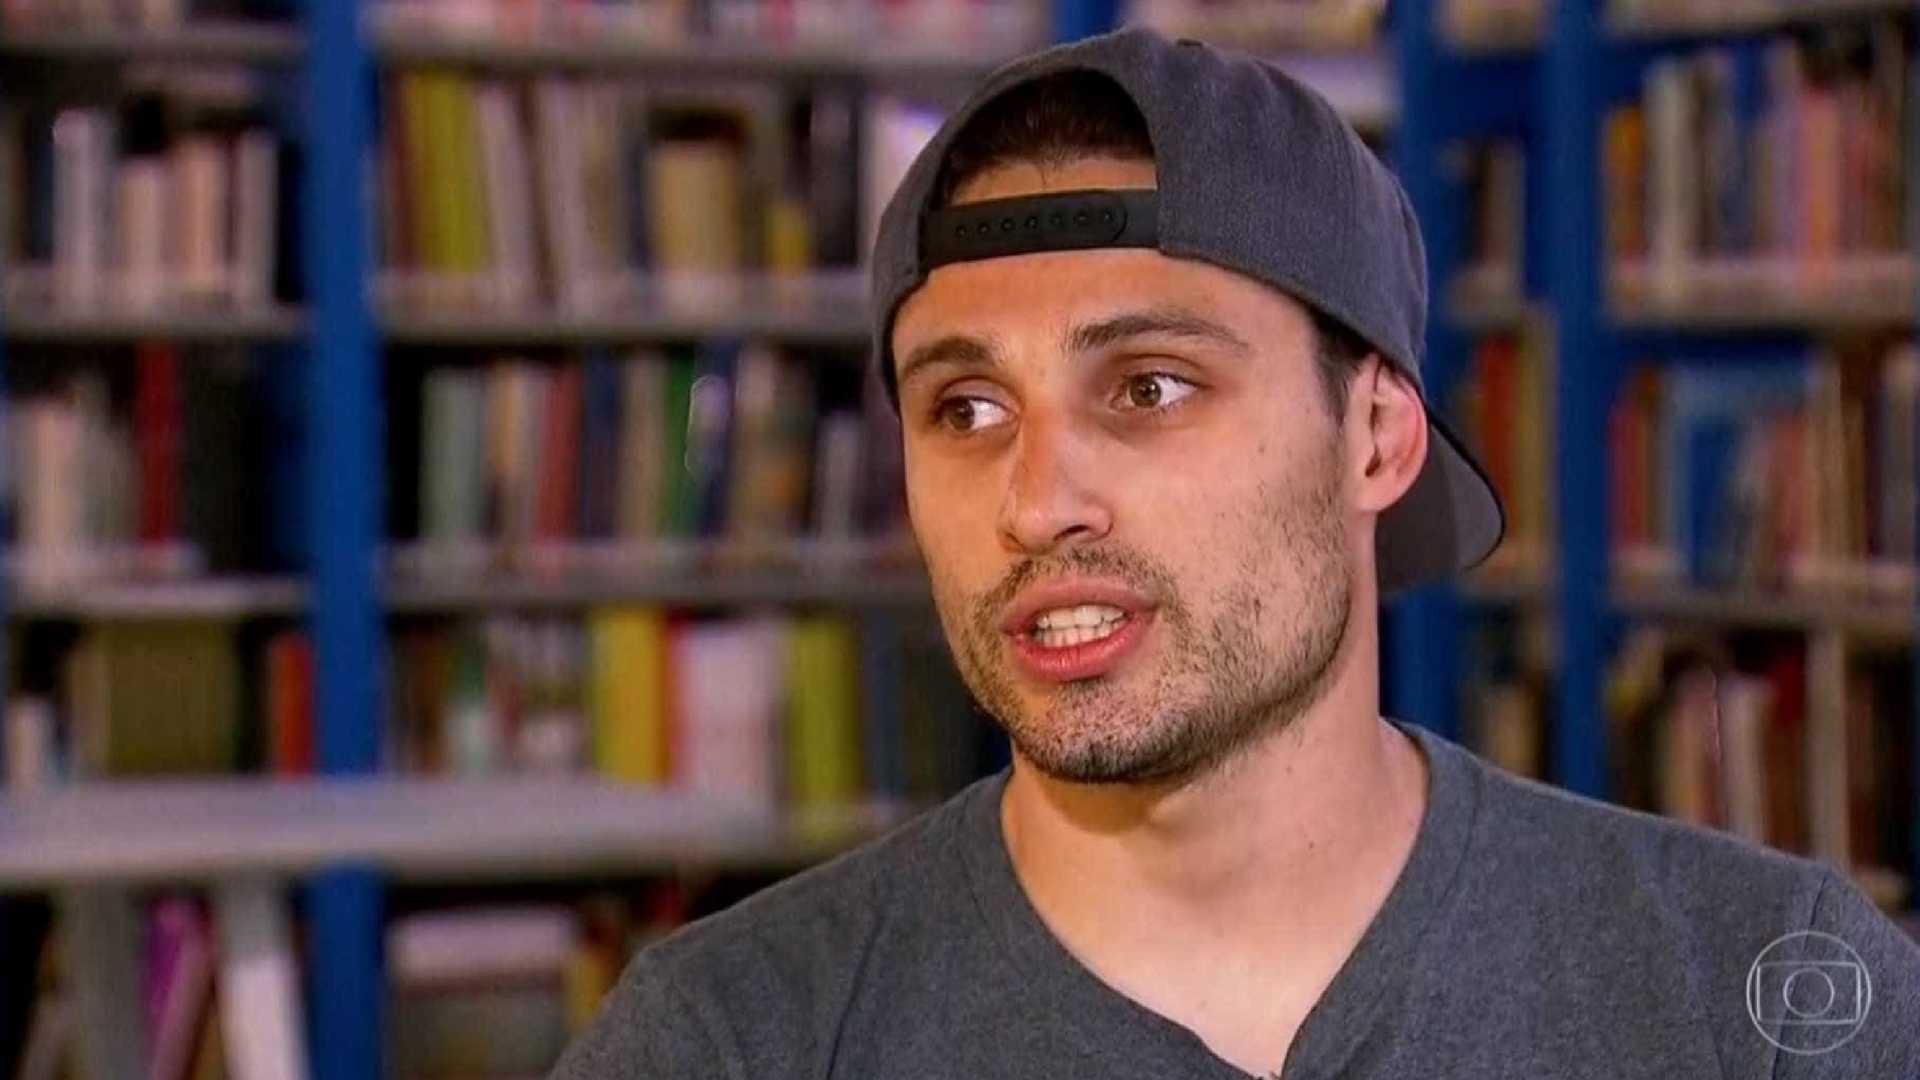 Após denunciar abuso, Lucas Altemeyer mantém amor pela ginástica